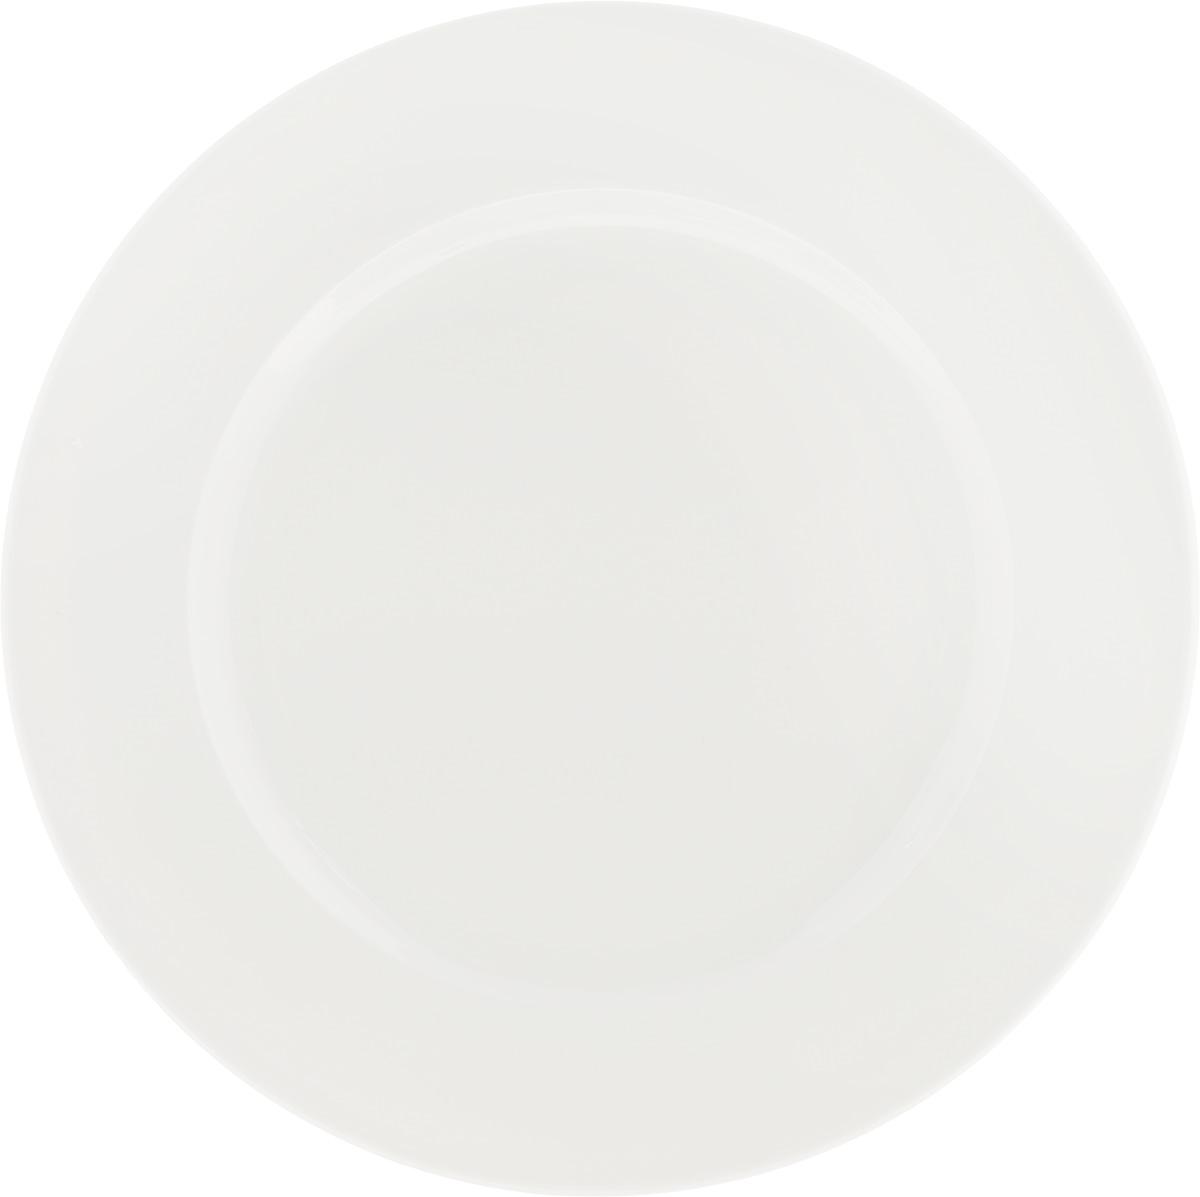 Тарелка Ariane Прайм, диаметр 29 смAPRARN11029Оригинальная тарелка Ariane Прайм изготовлена из высококачественного фарфора с глазурованным покрытием. Изделие круглой формы идеально подходит для сервировки закусок и других блюд. Такая тарелка прекрасно впишется в интерьер вашей кухни и станет достойным дополнением к кухонному инвентарю. Можно мыть в посудомоечной машине и использовать в микроволновой печи. Диаметр тарелки (по верхнему краю): 29 см.